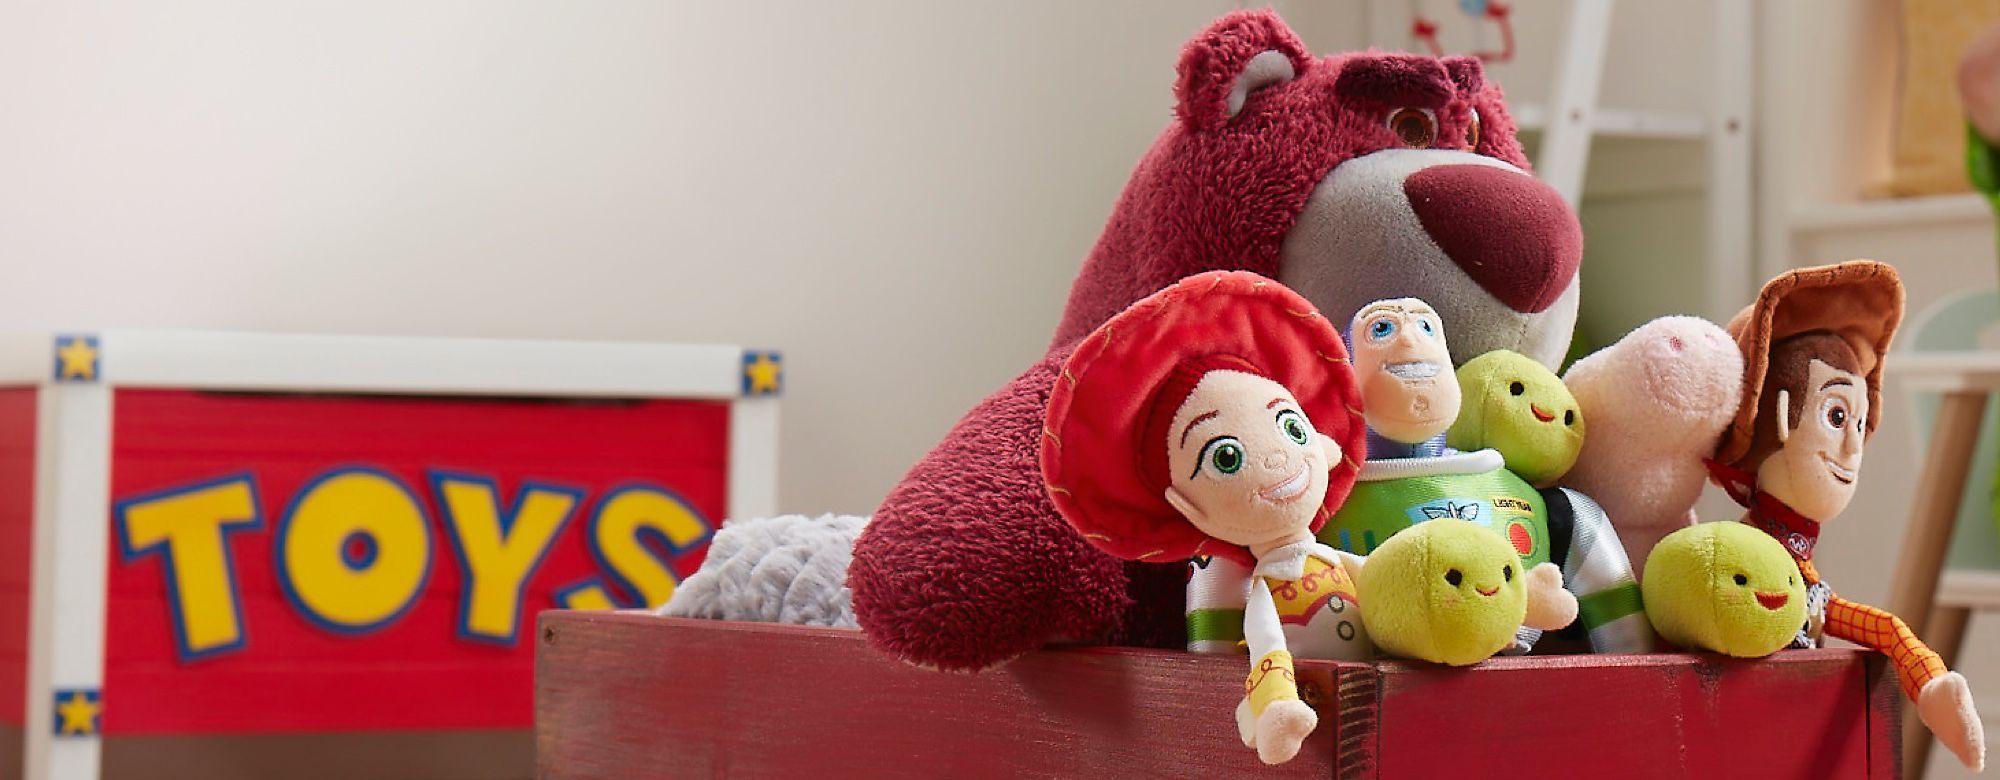 Giochi Pixar Cerca il tuo peluche Pixar preferito! Vieni a dare un'occhiata a tutta la nostra ampia gamma di peluche dedicati a tutti i personaggi che ami